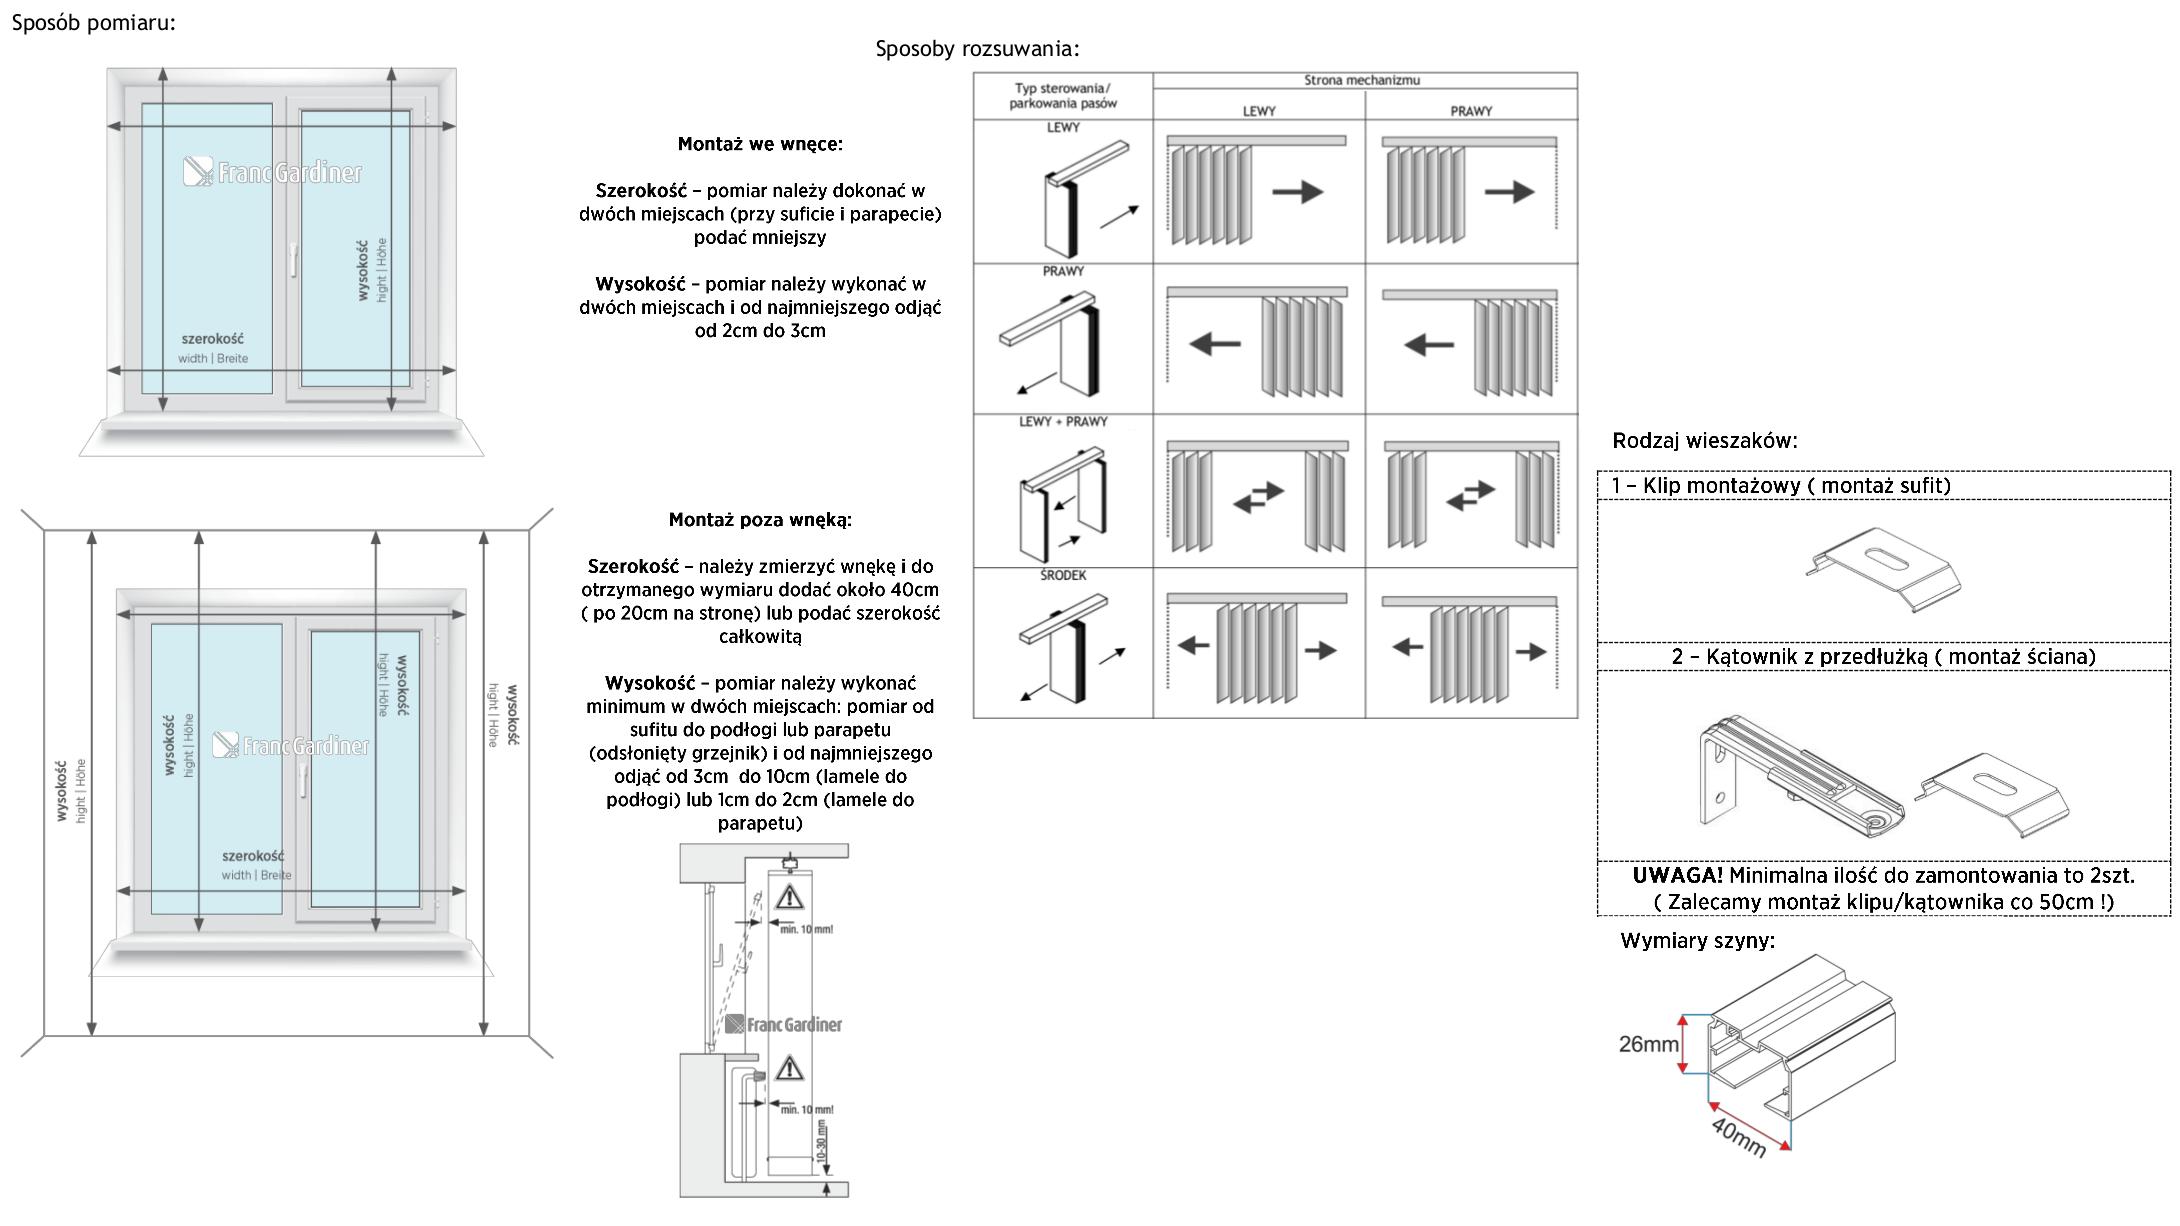 Instrukcja pomiaru